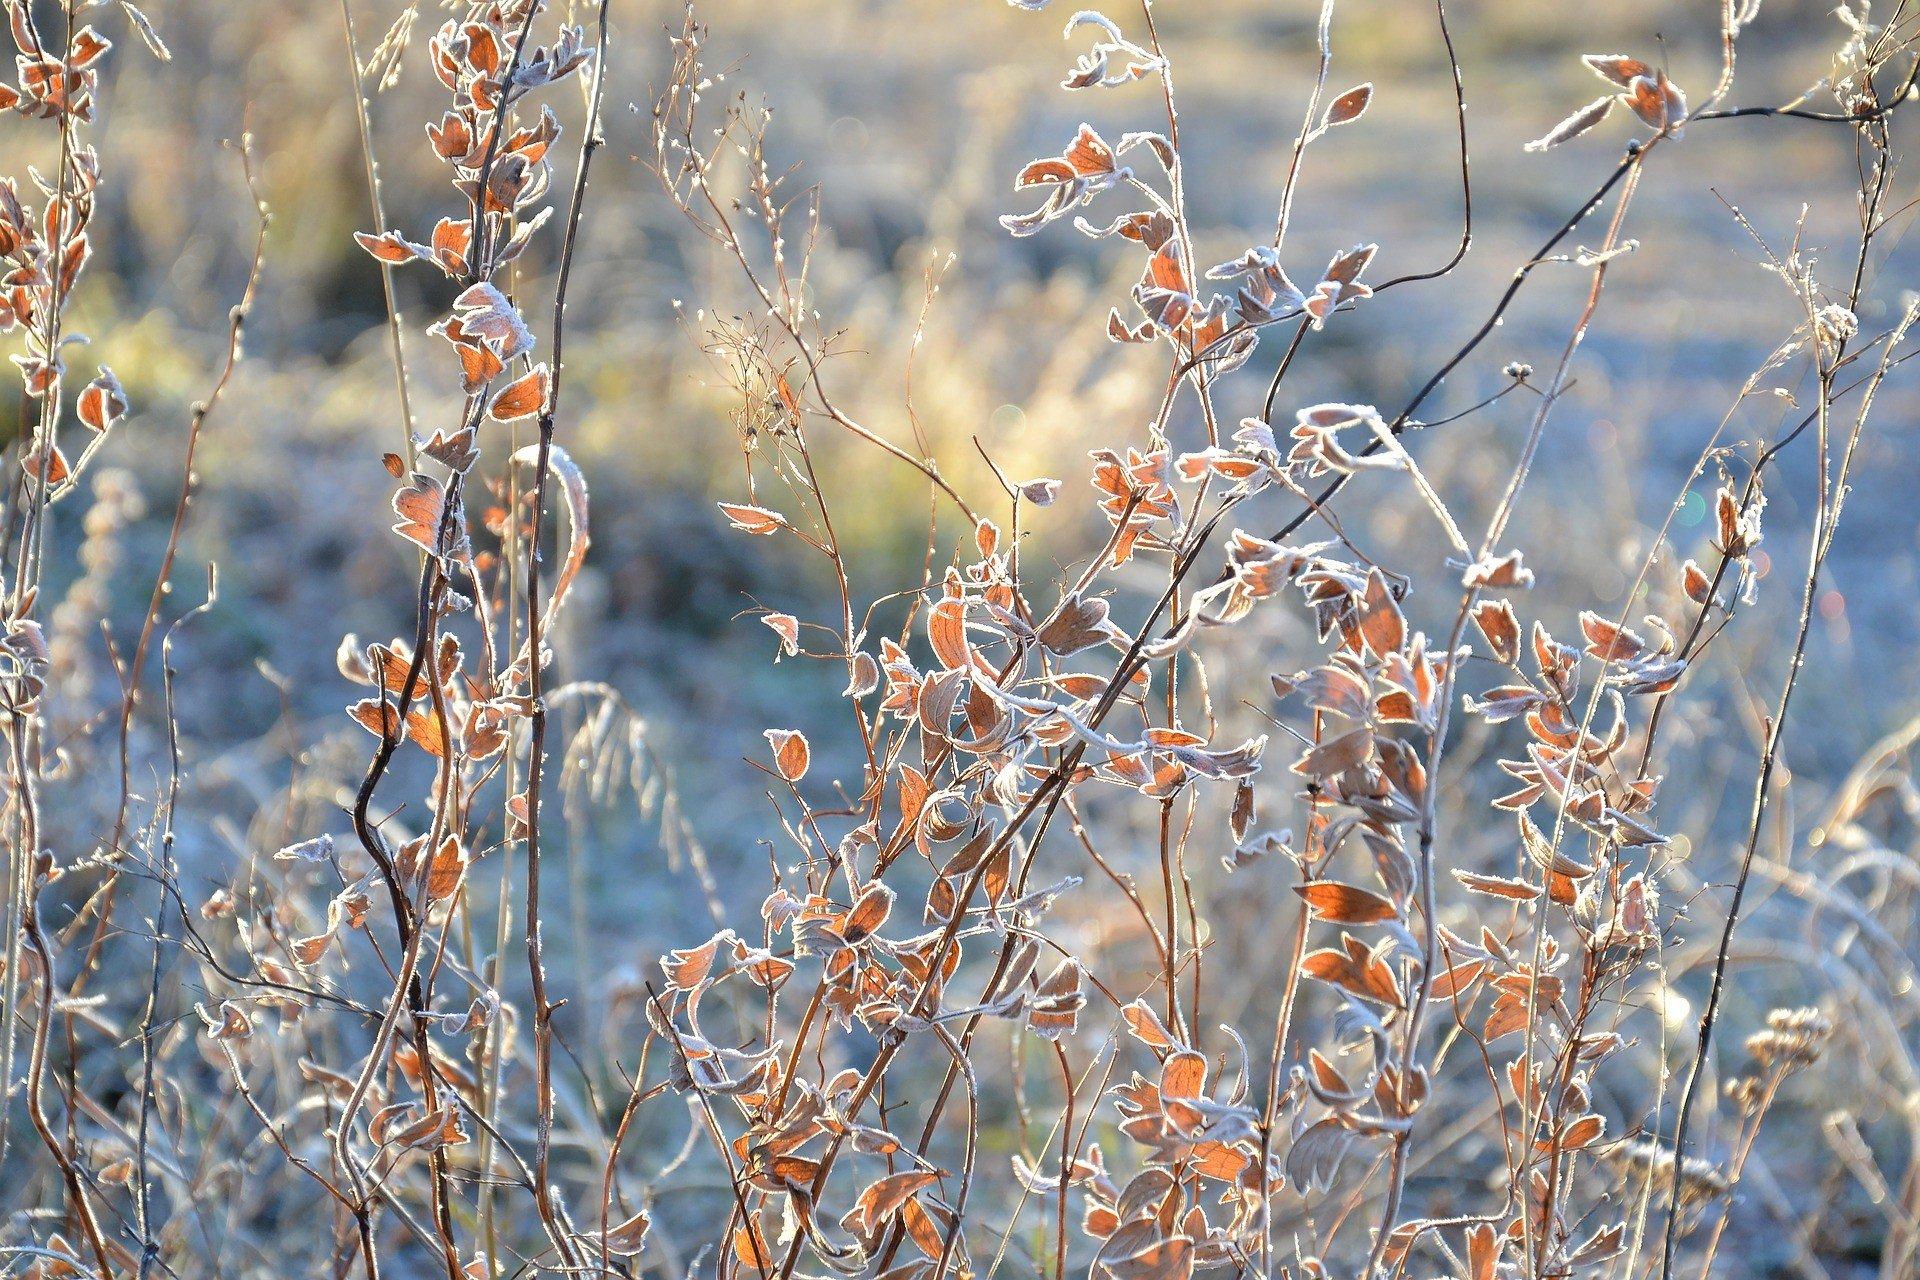 Зима близко: синоптик предупредила о дальнейшем похолодании